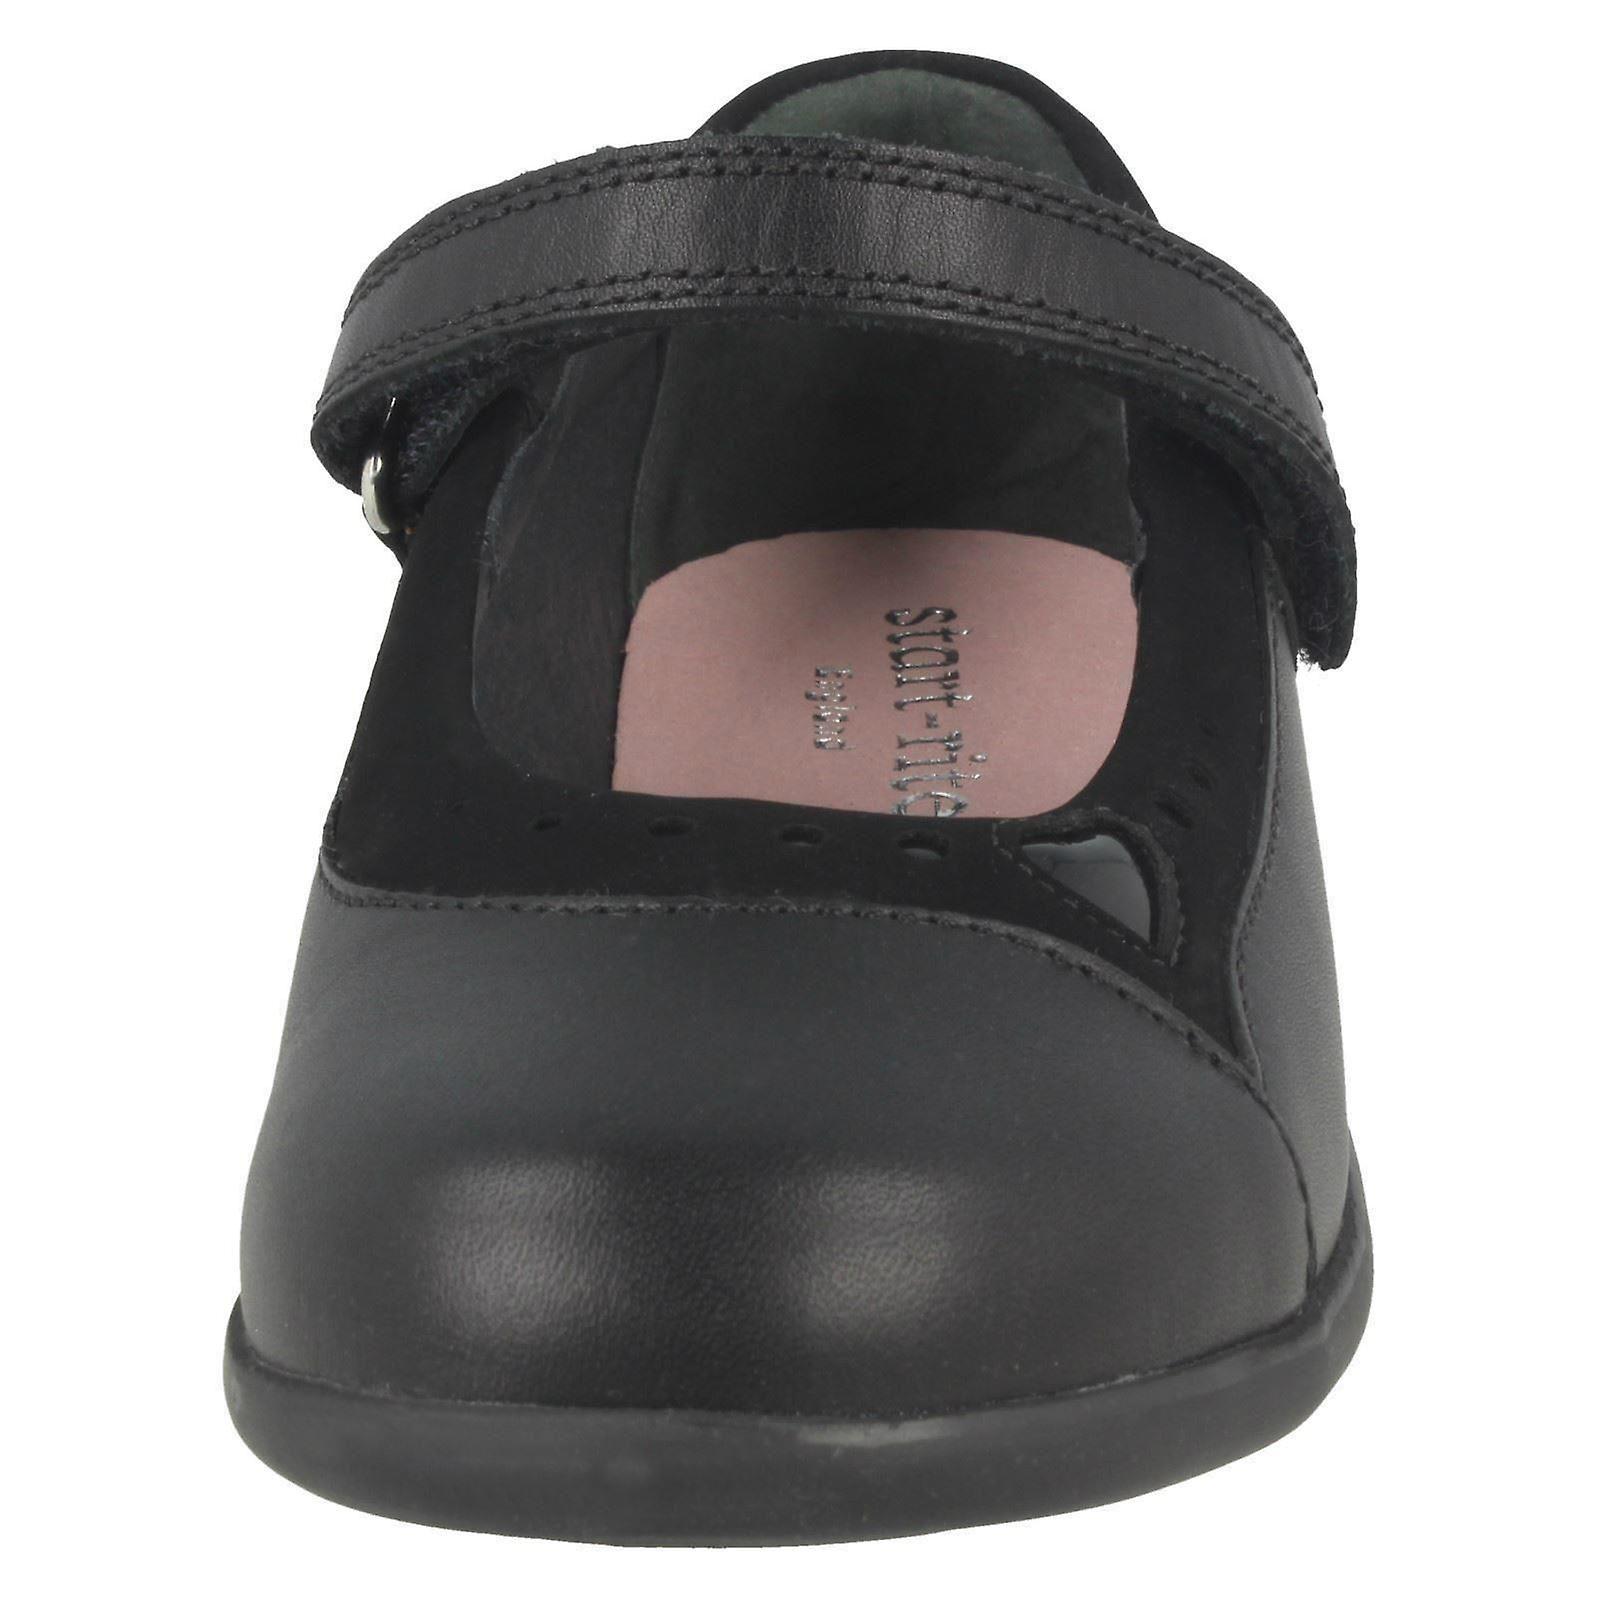 Startrite Schule für Mädchen Schuhe mit Herz Detail Emilia